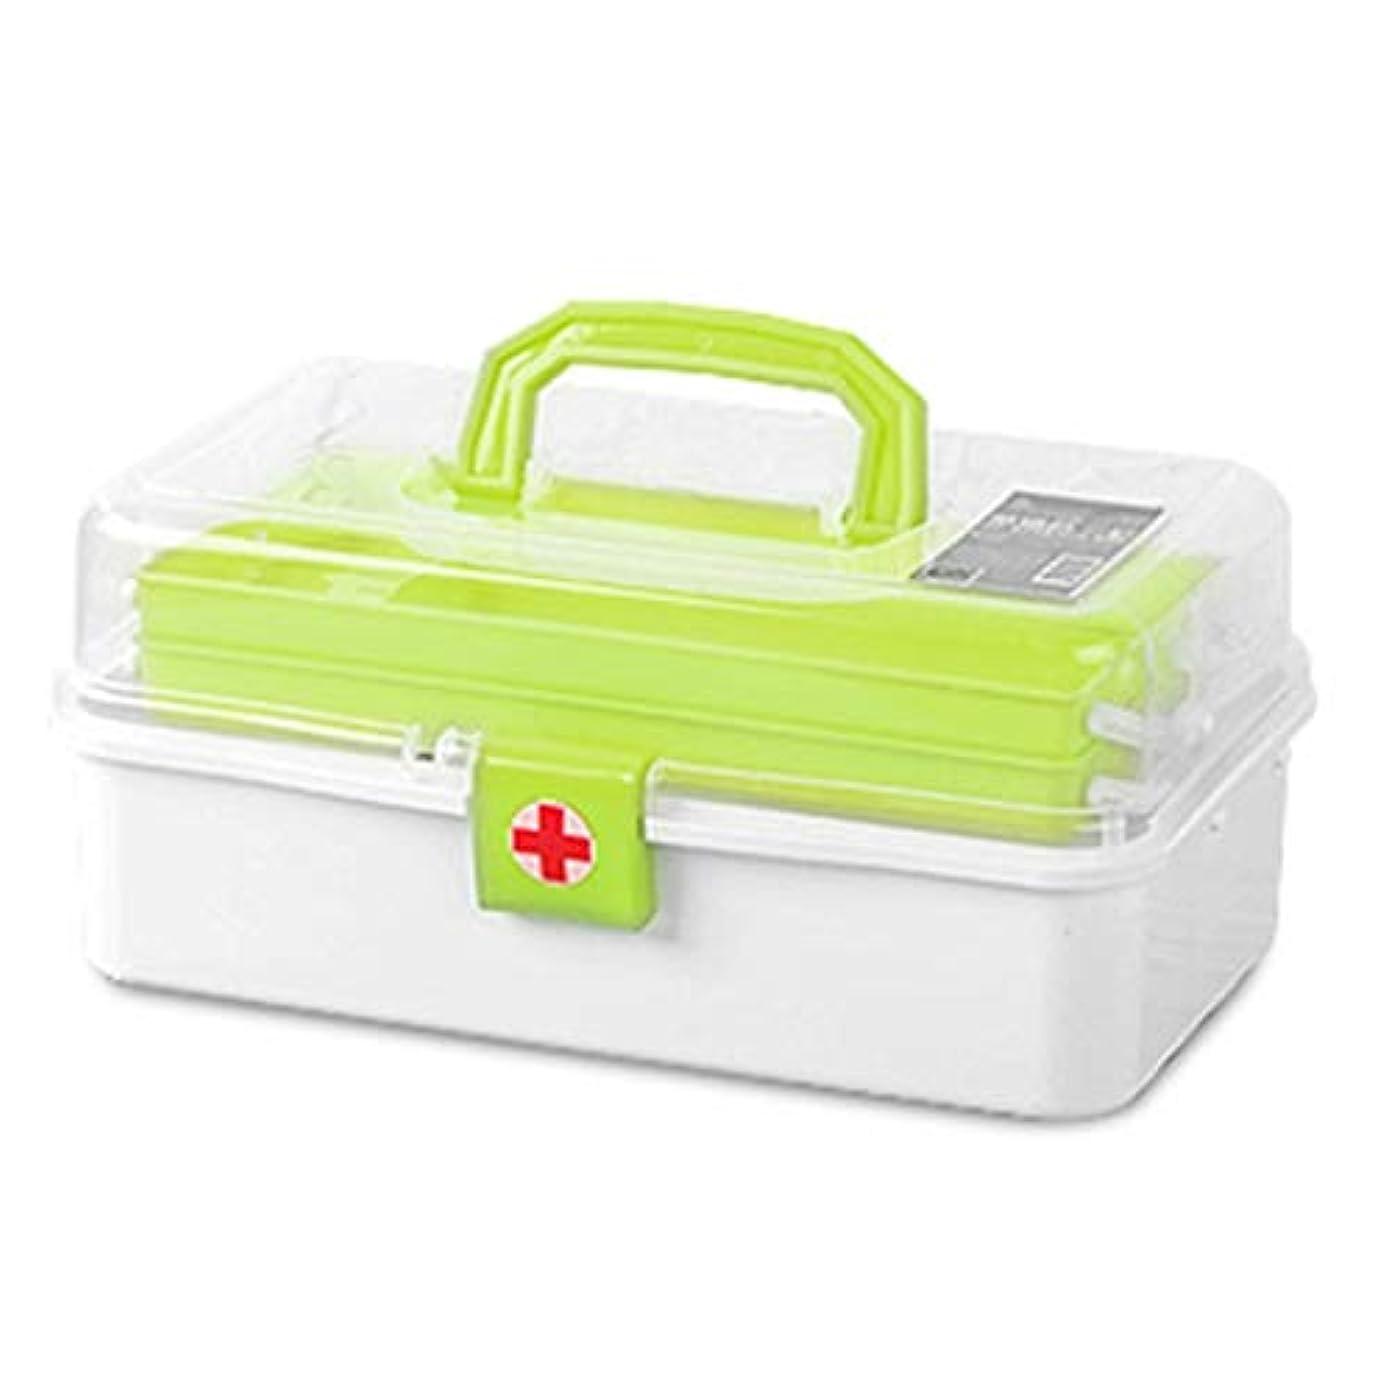 医療用キット 多層大容量救急箱ポータブル薬収納ボックス/グリーン、ピンク/ 33 x 17 x 14.8 cm QDDSP (Color : Green)